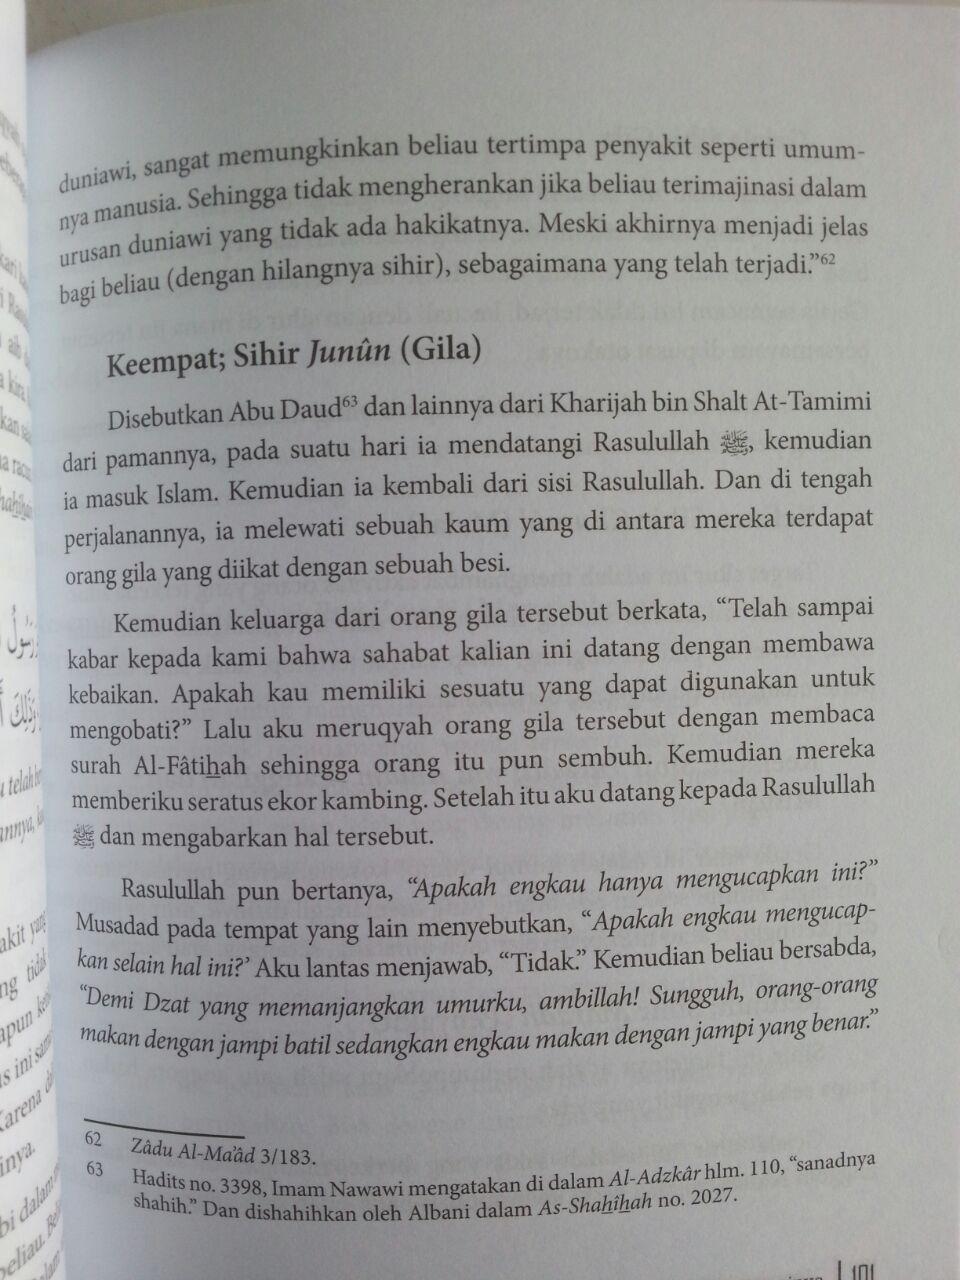 Buku Mengatasi Sihir Dan Kesurupan Sesuai Al-Quran Sunnah isi 3